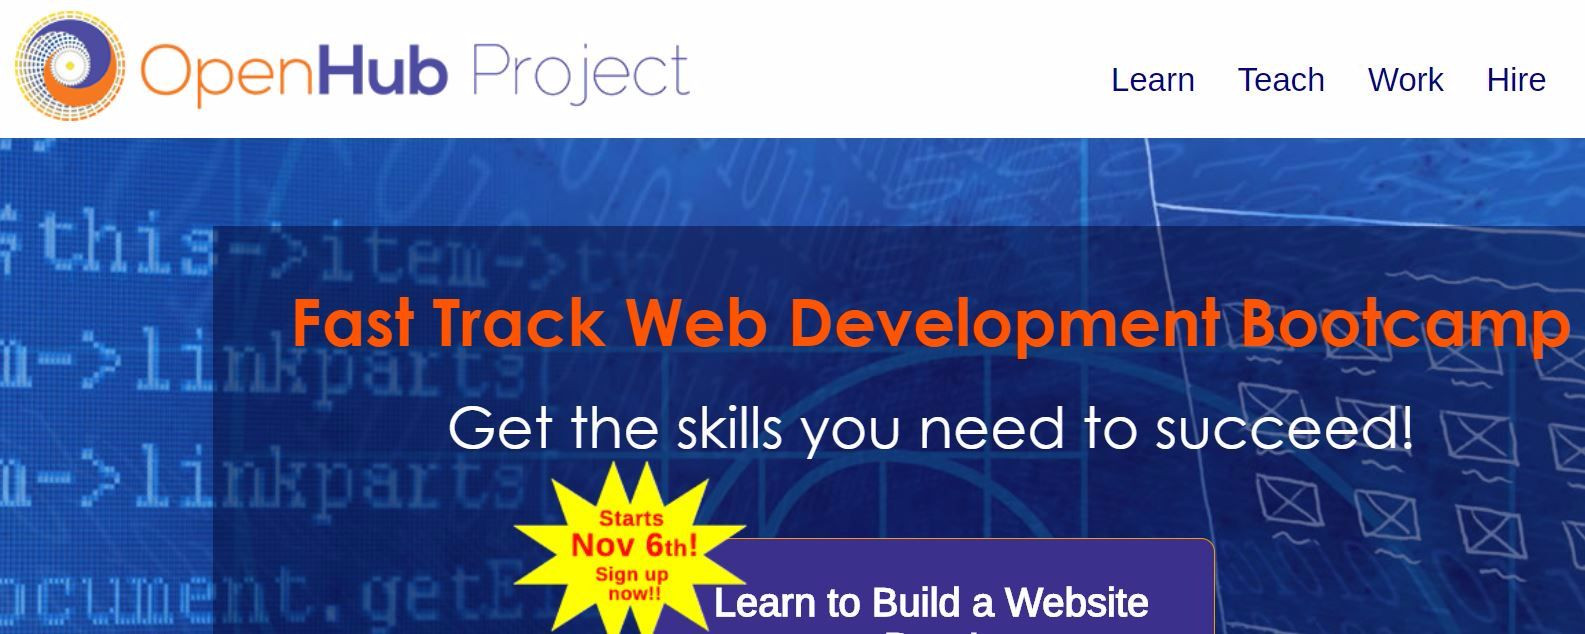 Open Hub Project